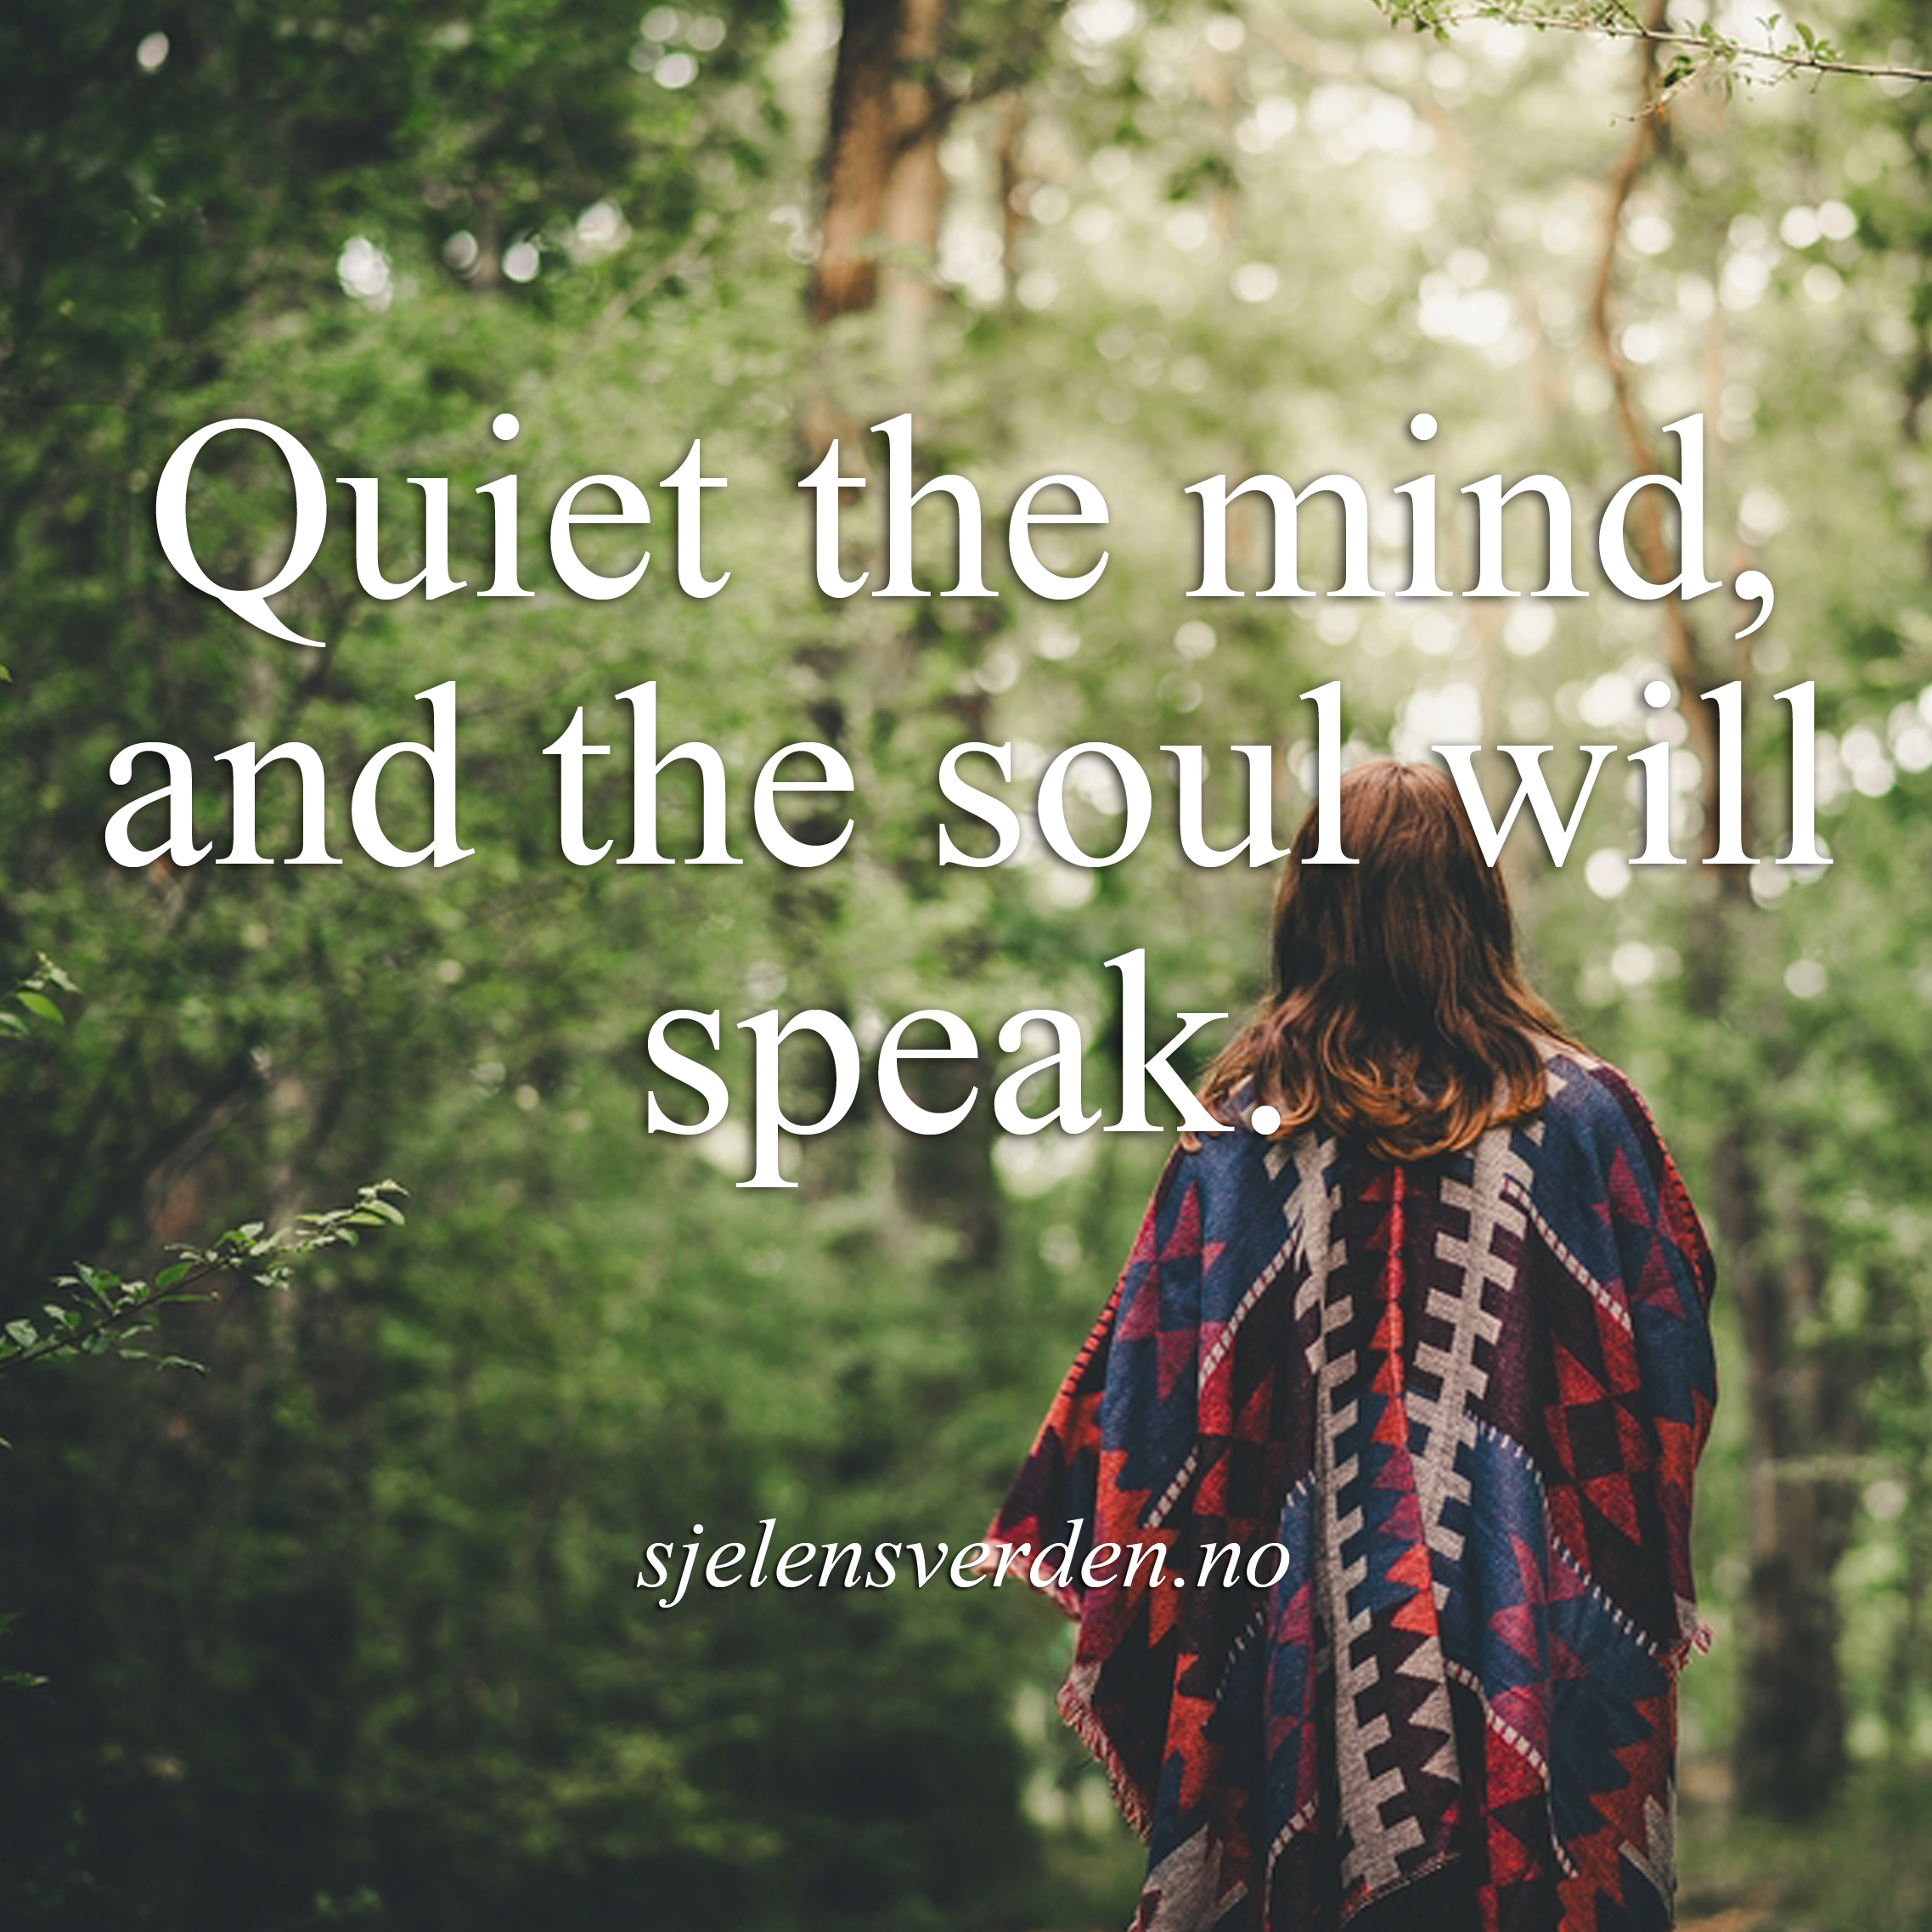 sitat-om-sjelen-livet-soul-quote-healing-quote-shaman-quote-sjaman-healing-sjelens-verden